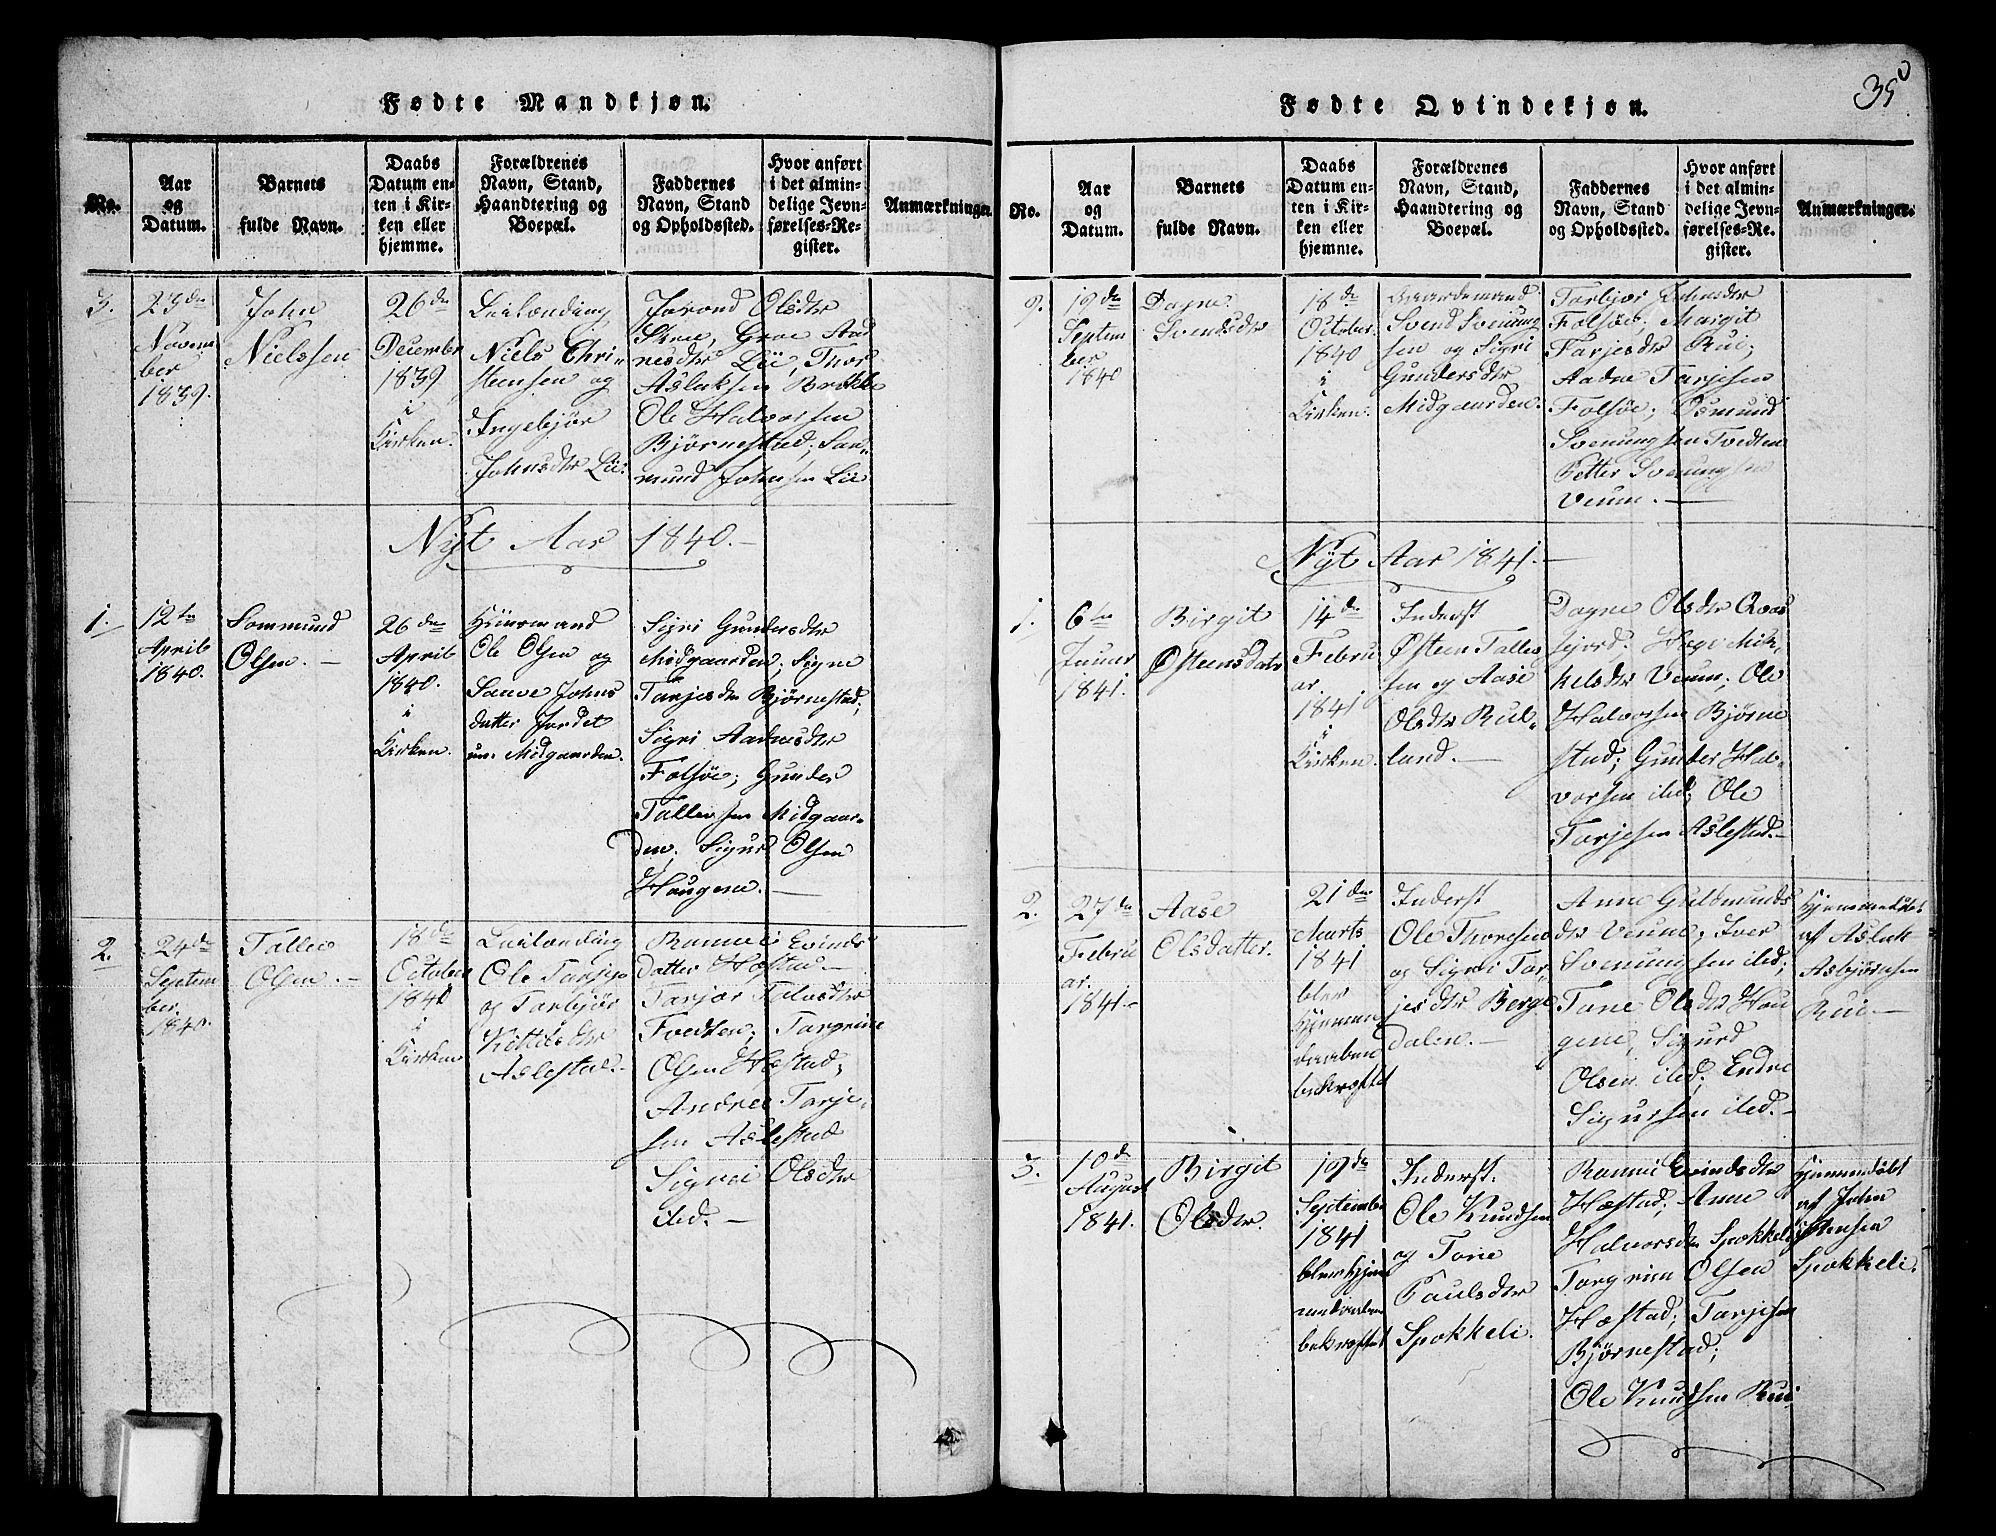 SAKO, Fyresdal kirkebøker, G/Ga/L0003: Klokkerbok nr. I 3, 1815-1863, s. 35